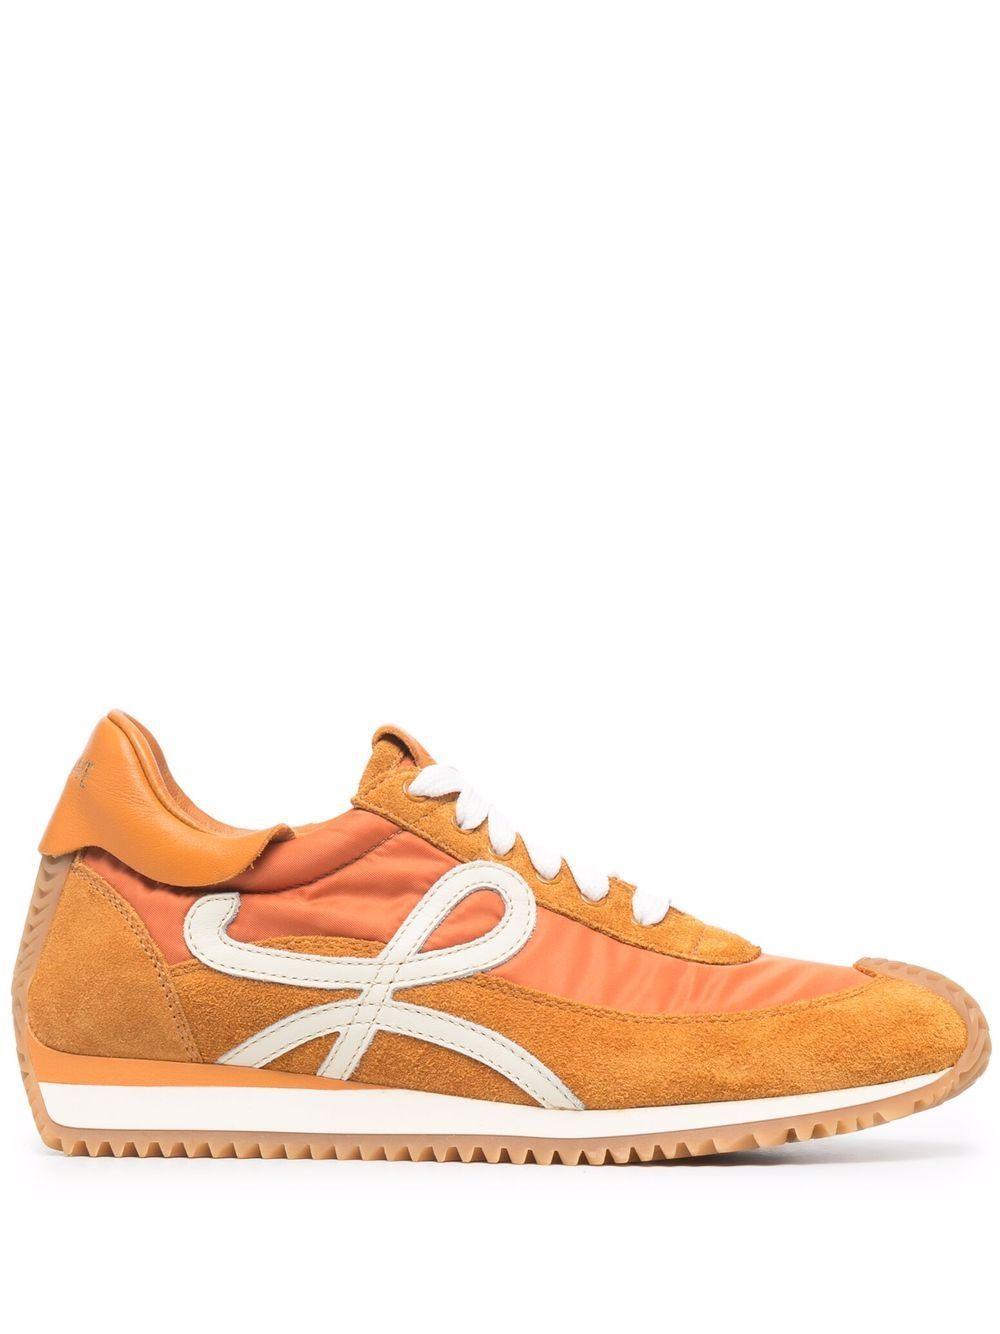 Flow runner leathersneakers